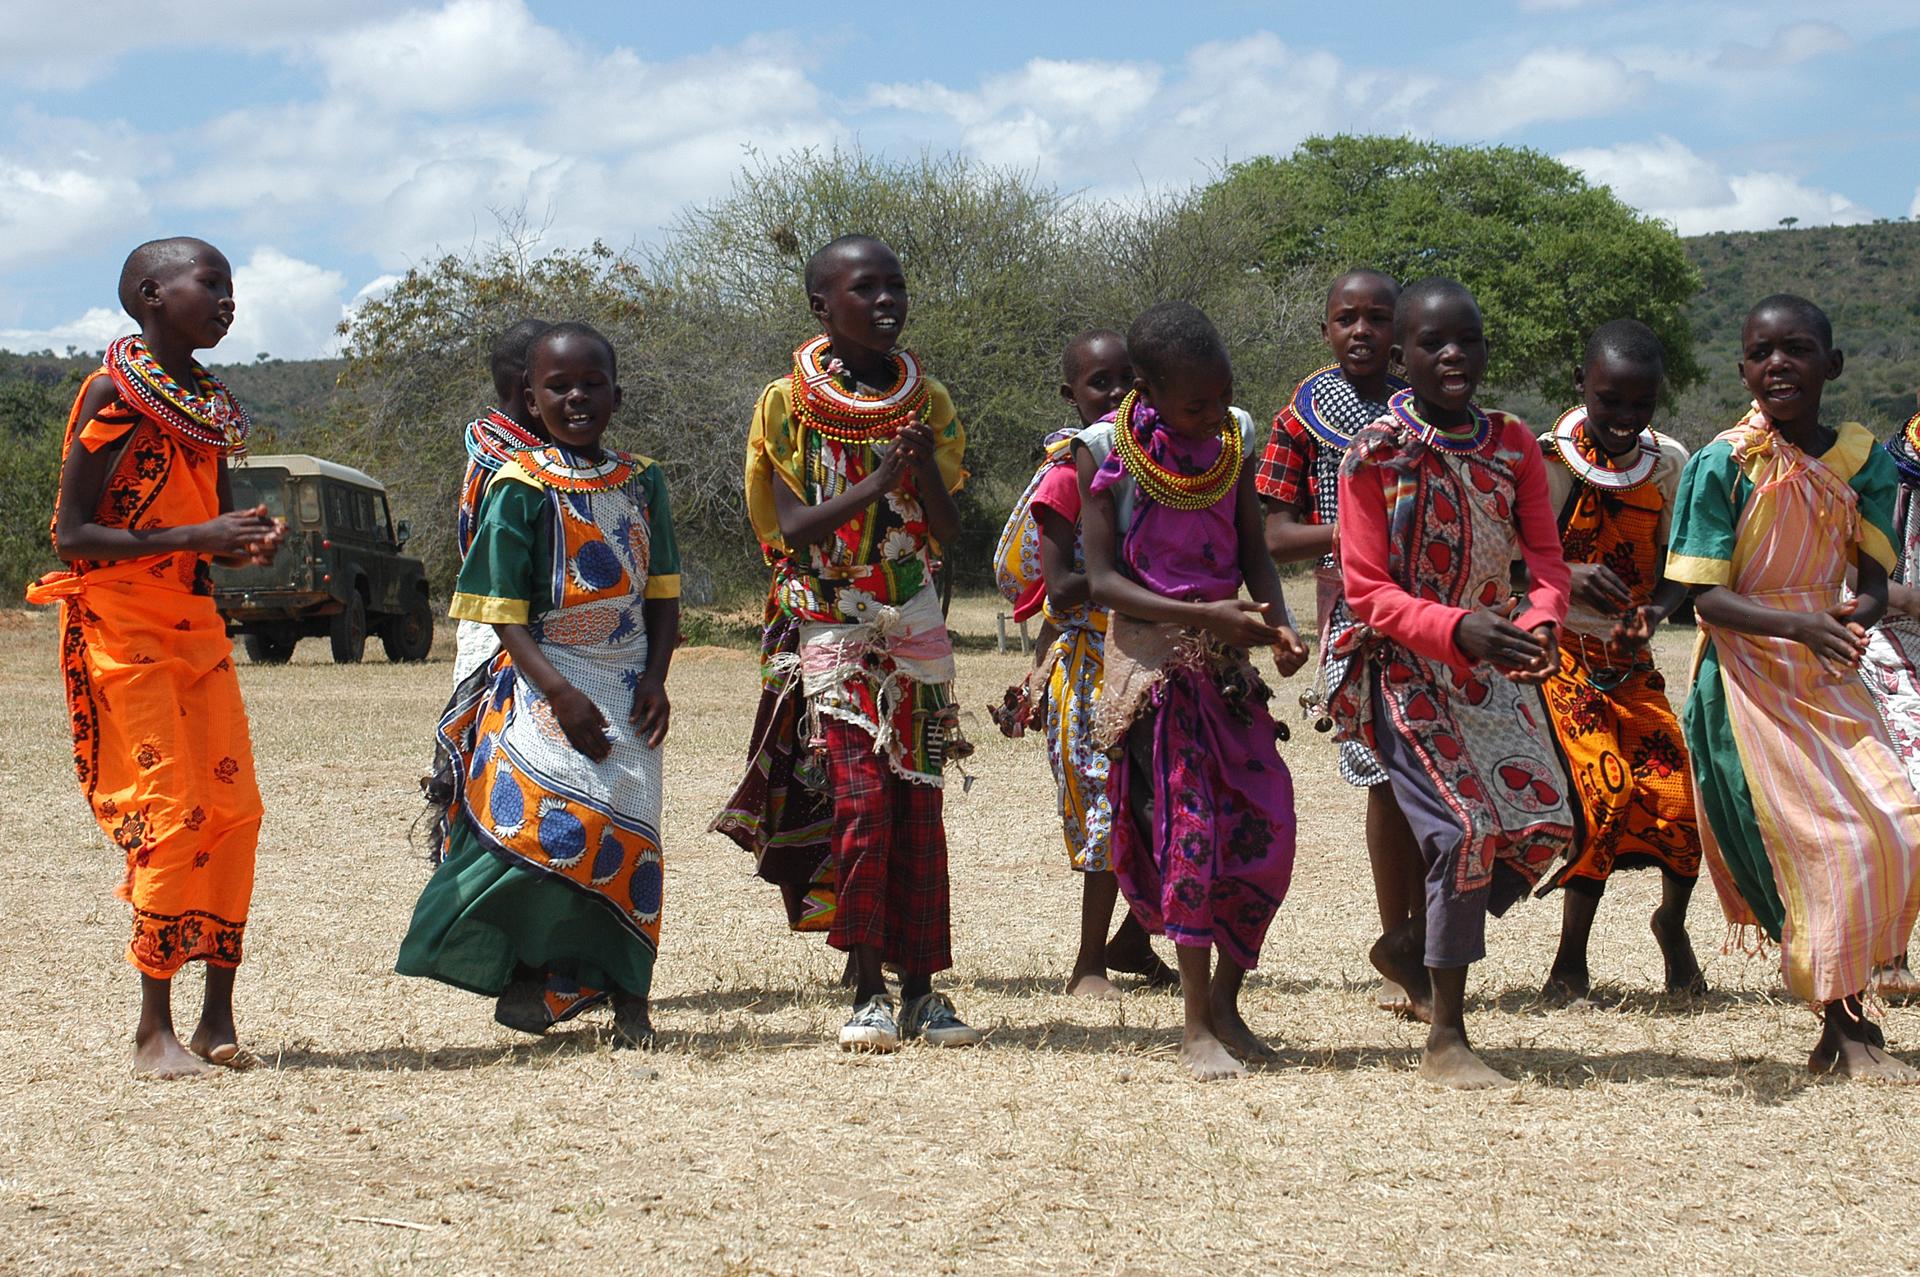 Predomina el pueblo Suajili y en el norte existen varias comunidades de pastoreo